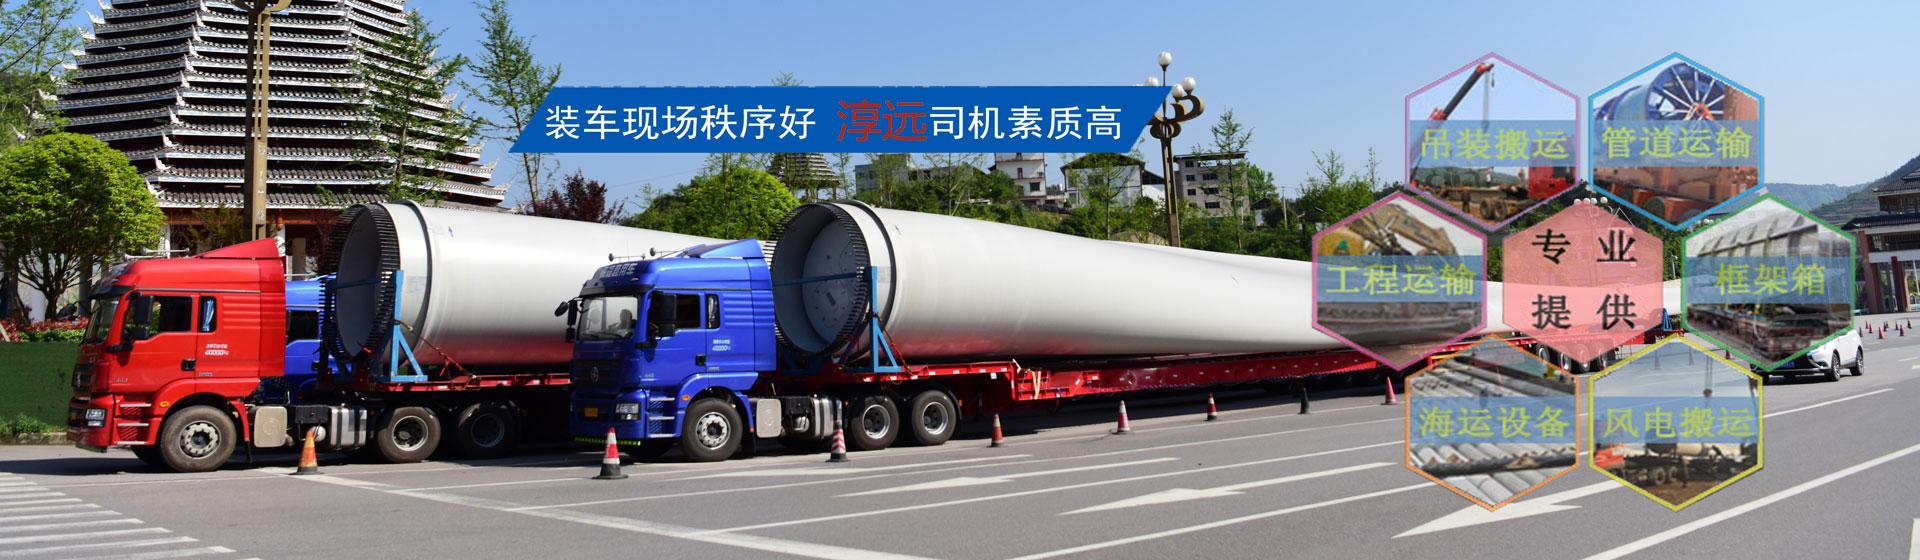 专业提供管道、风电机组运输、工程设备运输及吊装搬运等服务